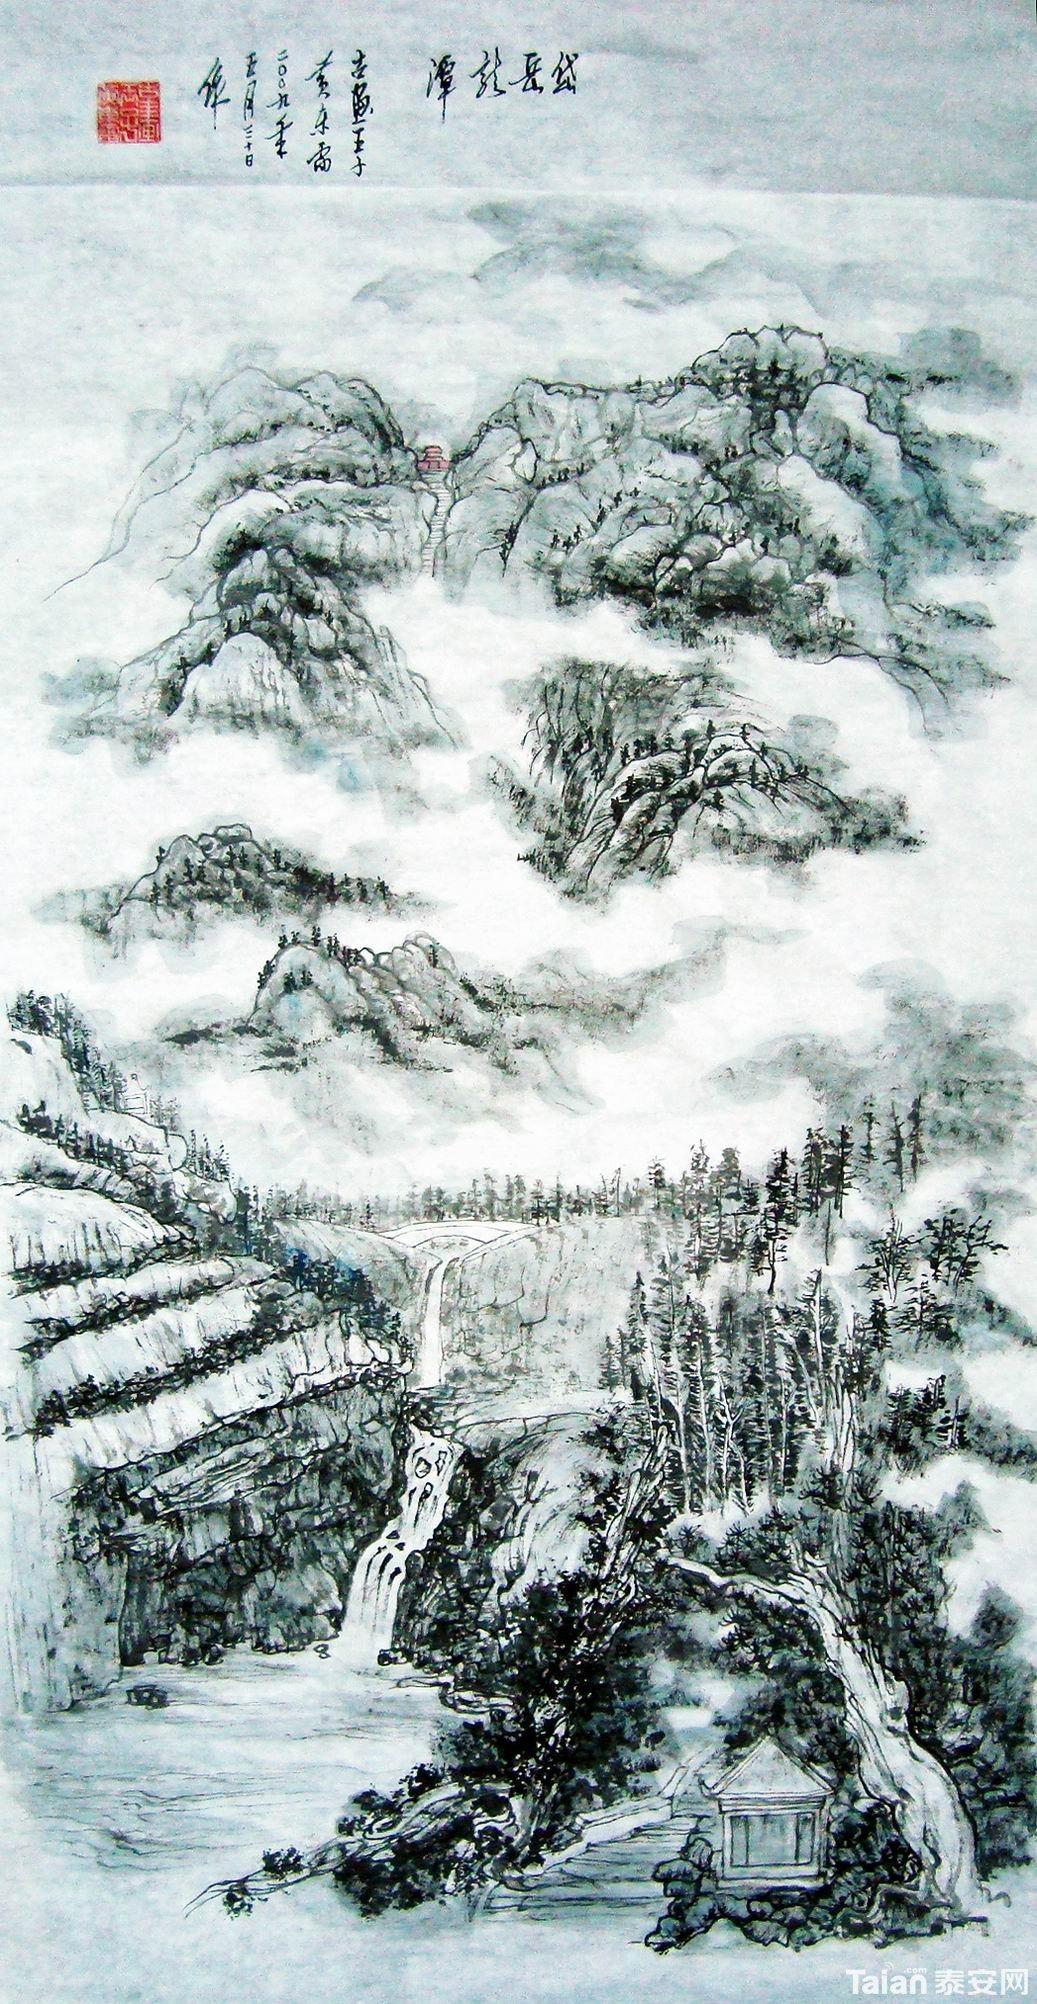 黄东雷 泰山岱岳国画-9.jpg